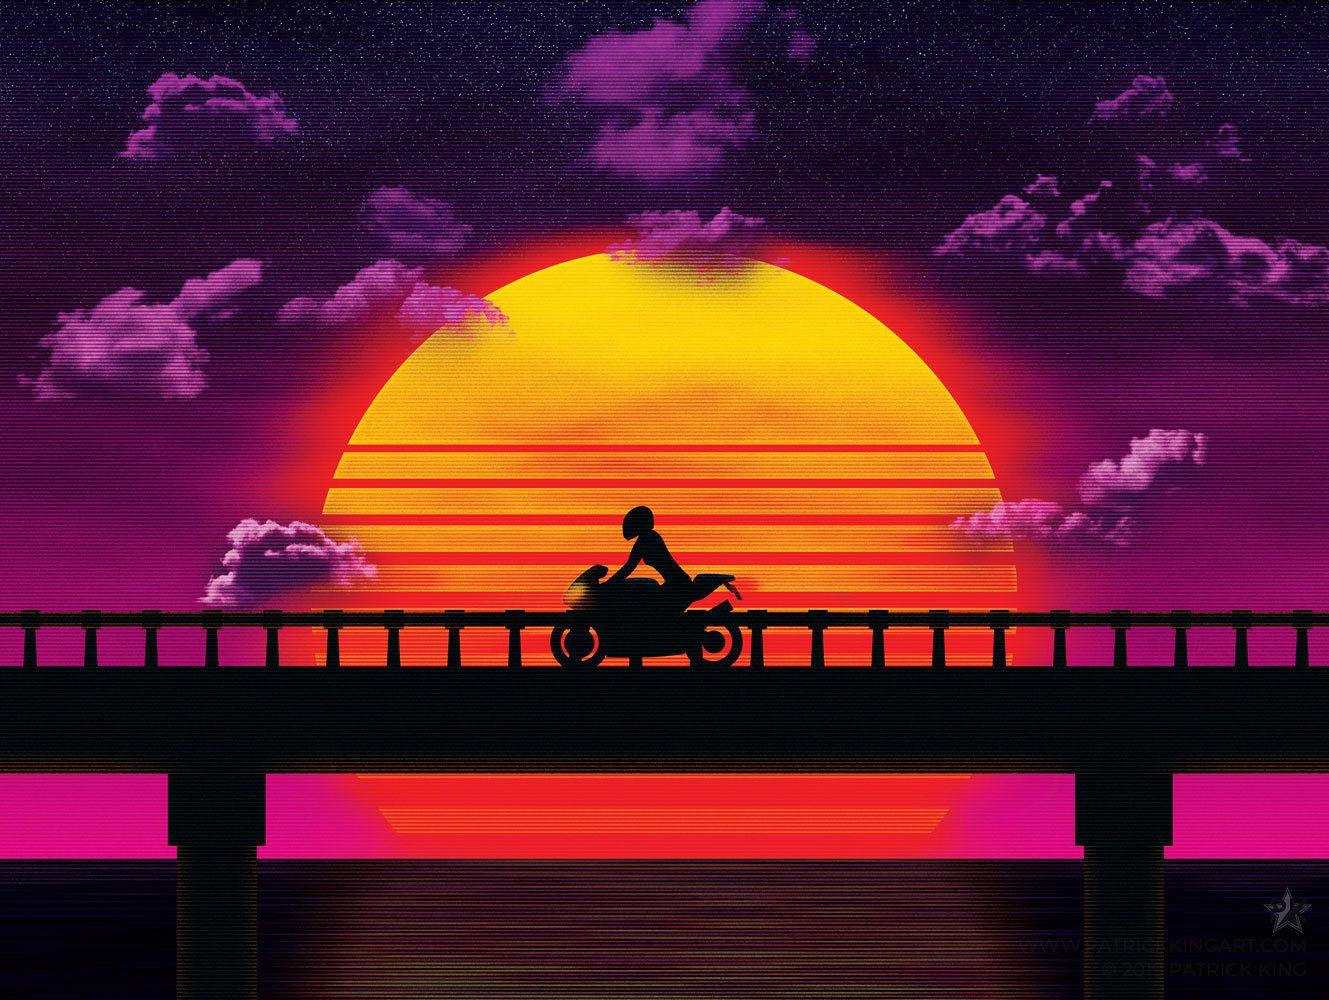 Causeway Bike Sticker Synthwave Vaporwave Outrun 80s Etsy Synthwave Vaporwave Vaporwave Art